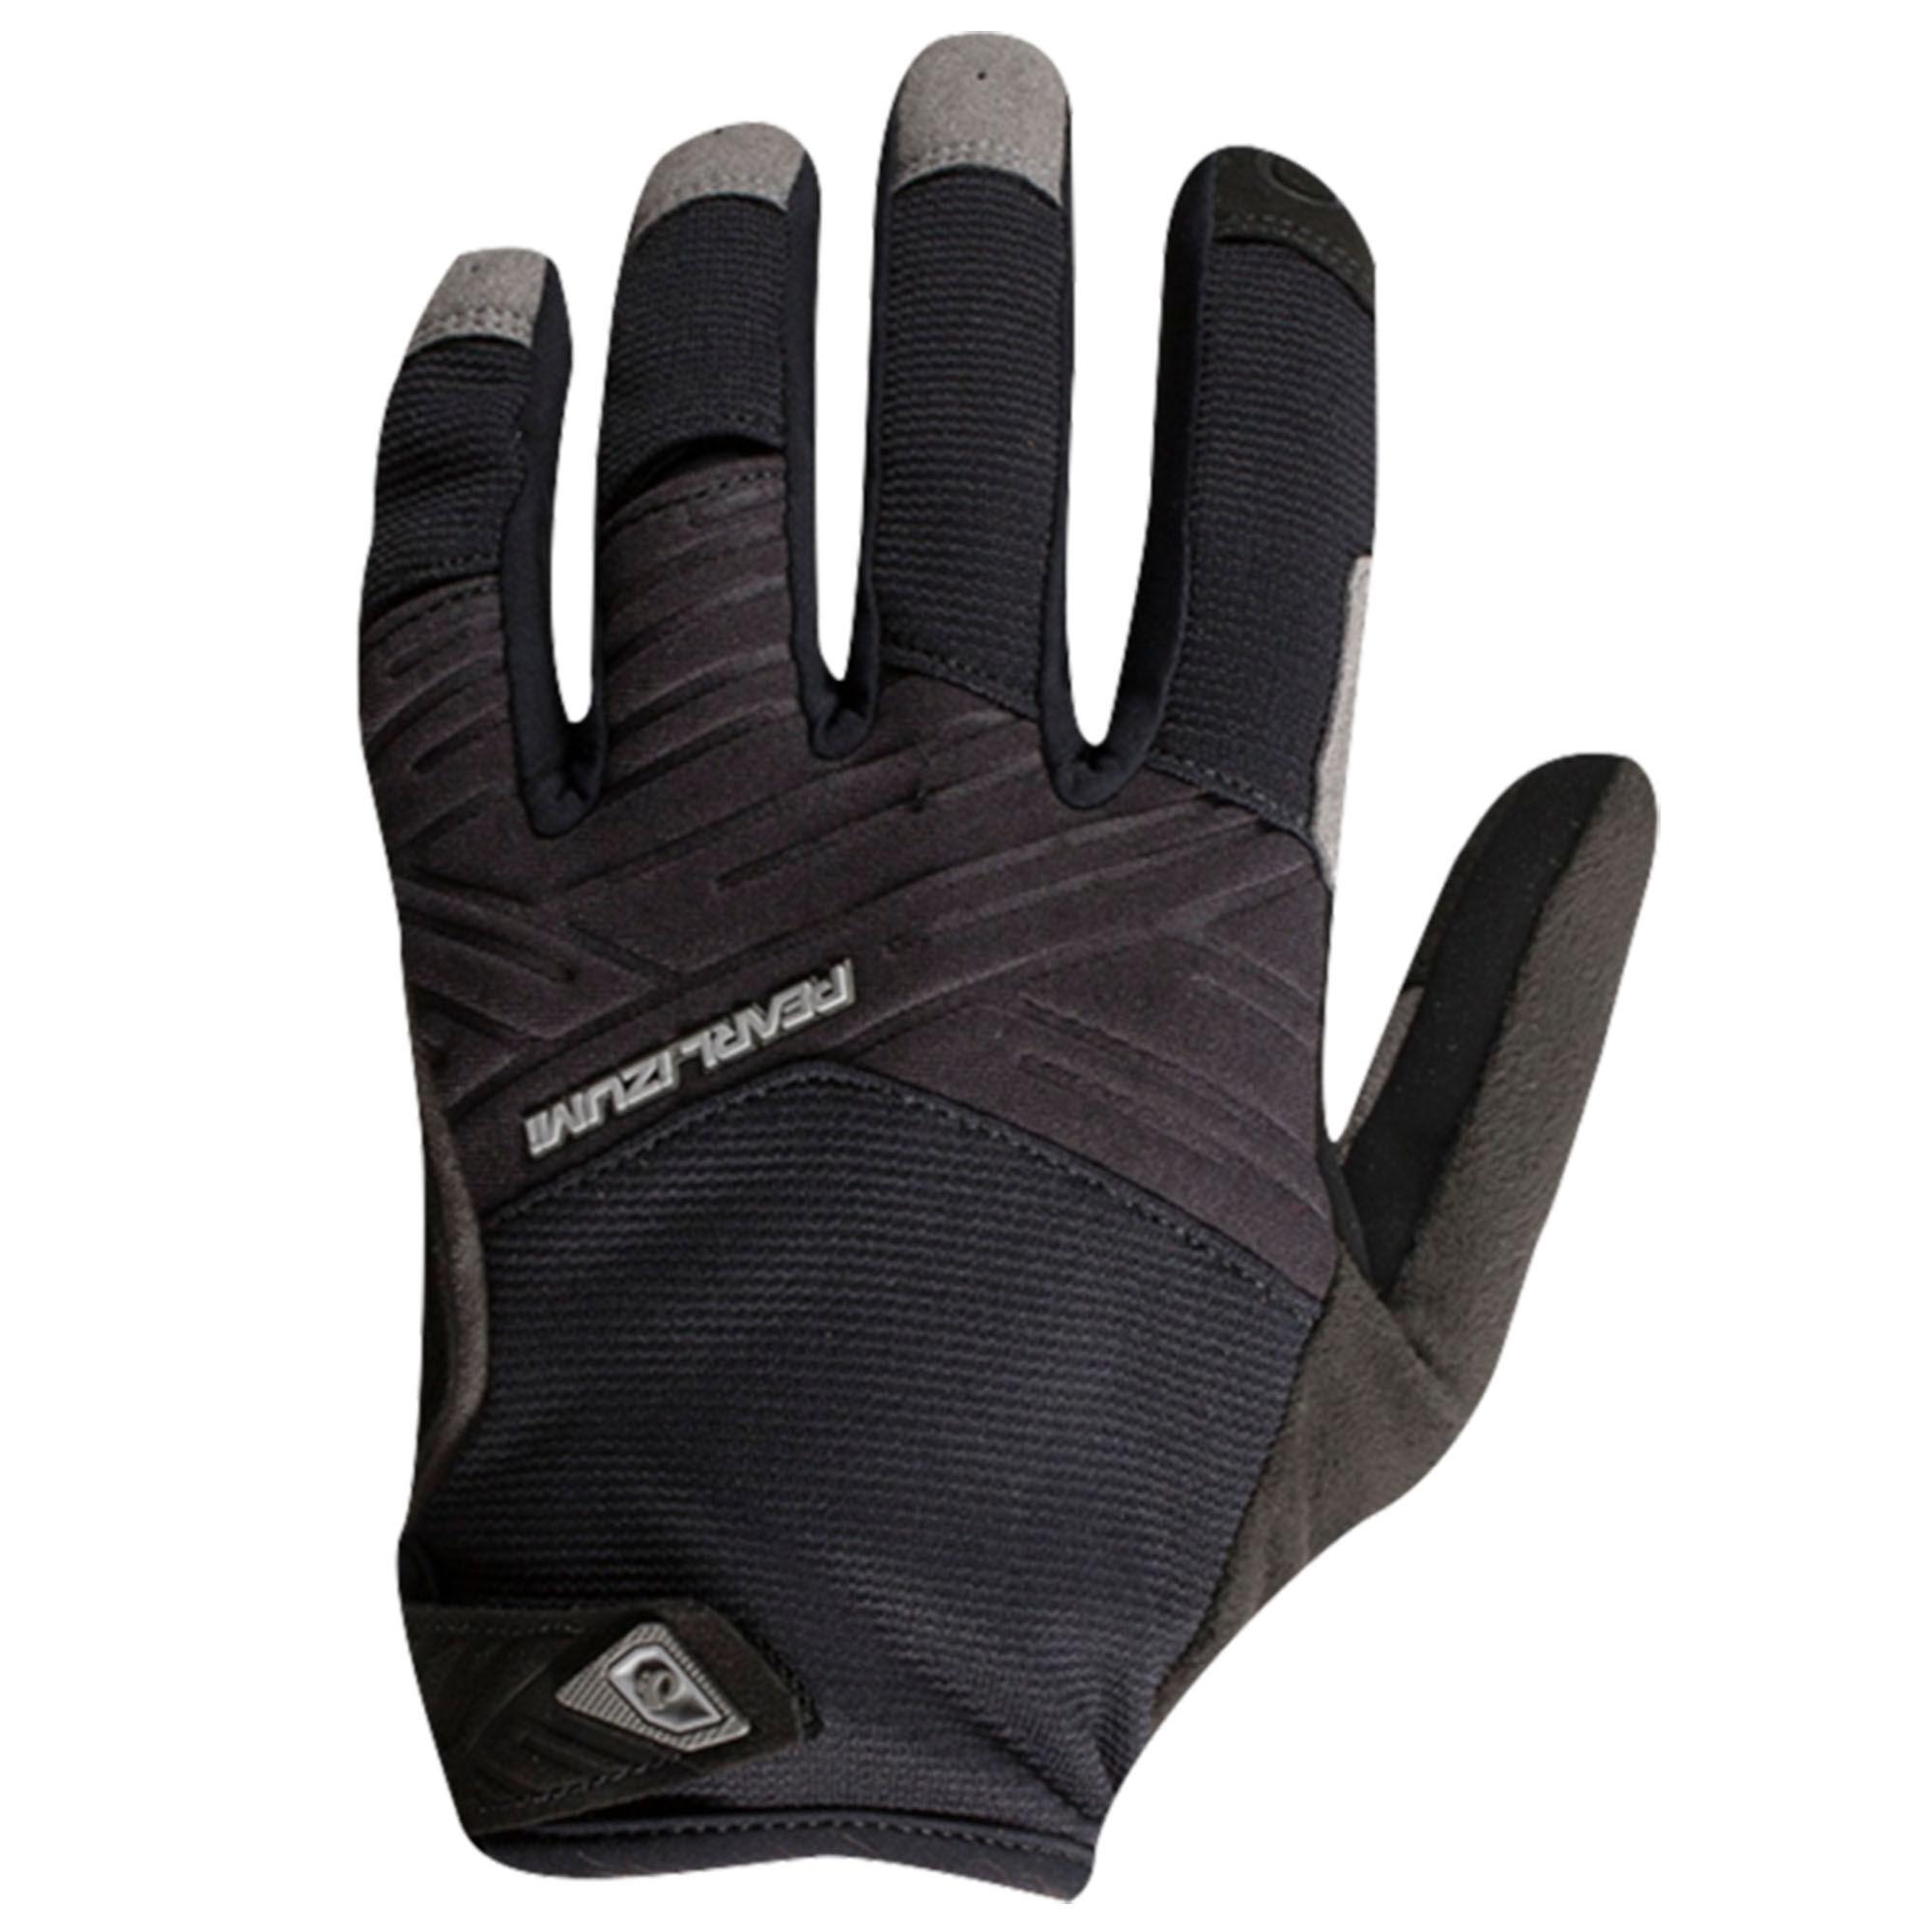 Pearl Izumi Men's Summit Bike Gloves  - Black - Size: Medium